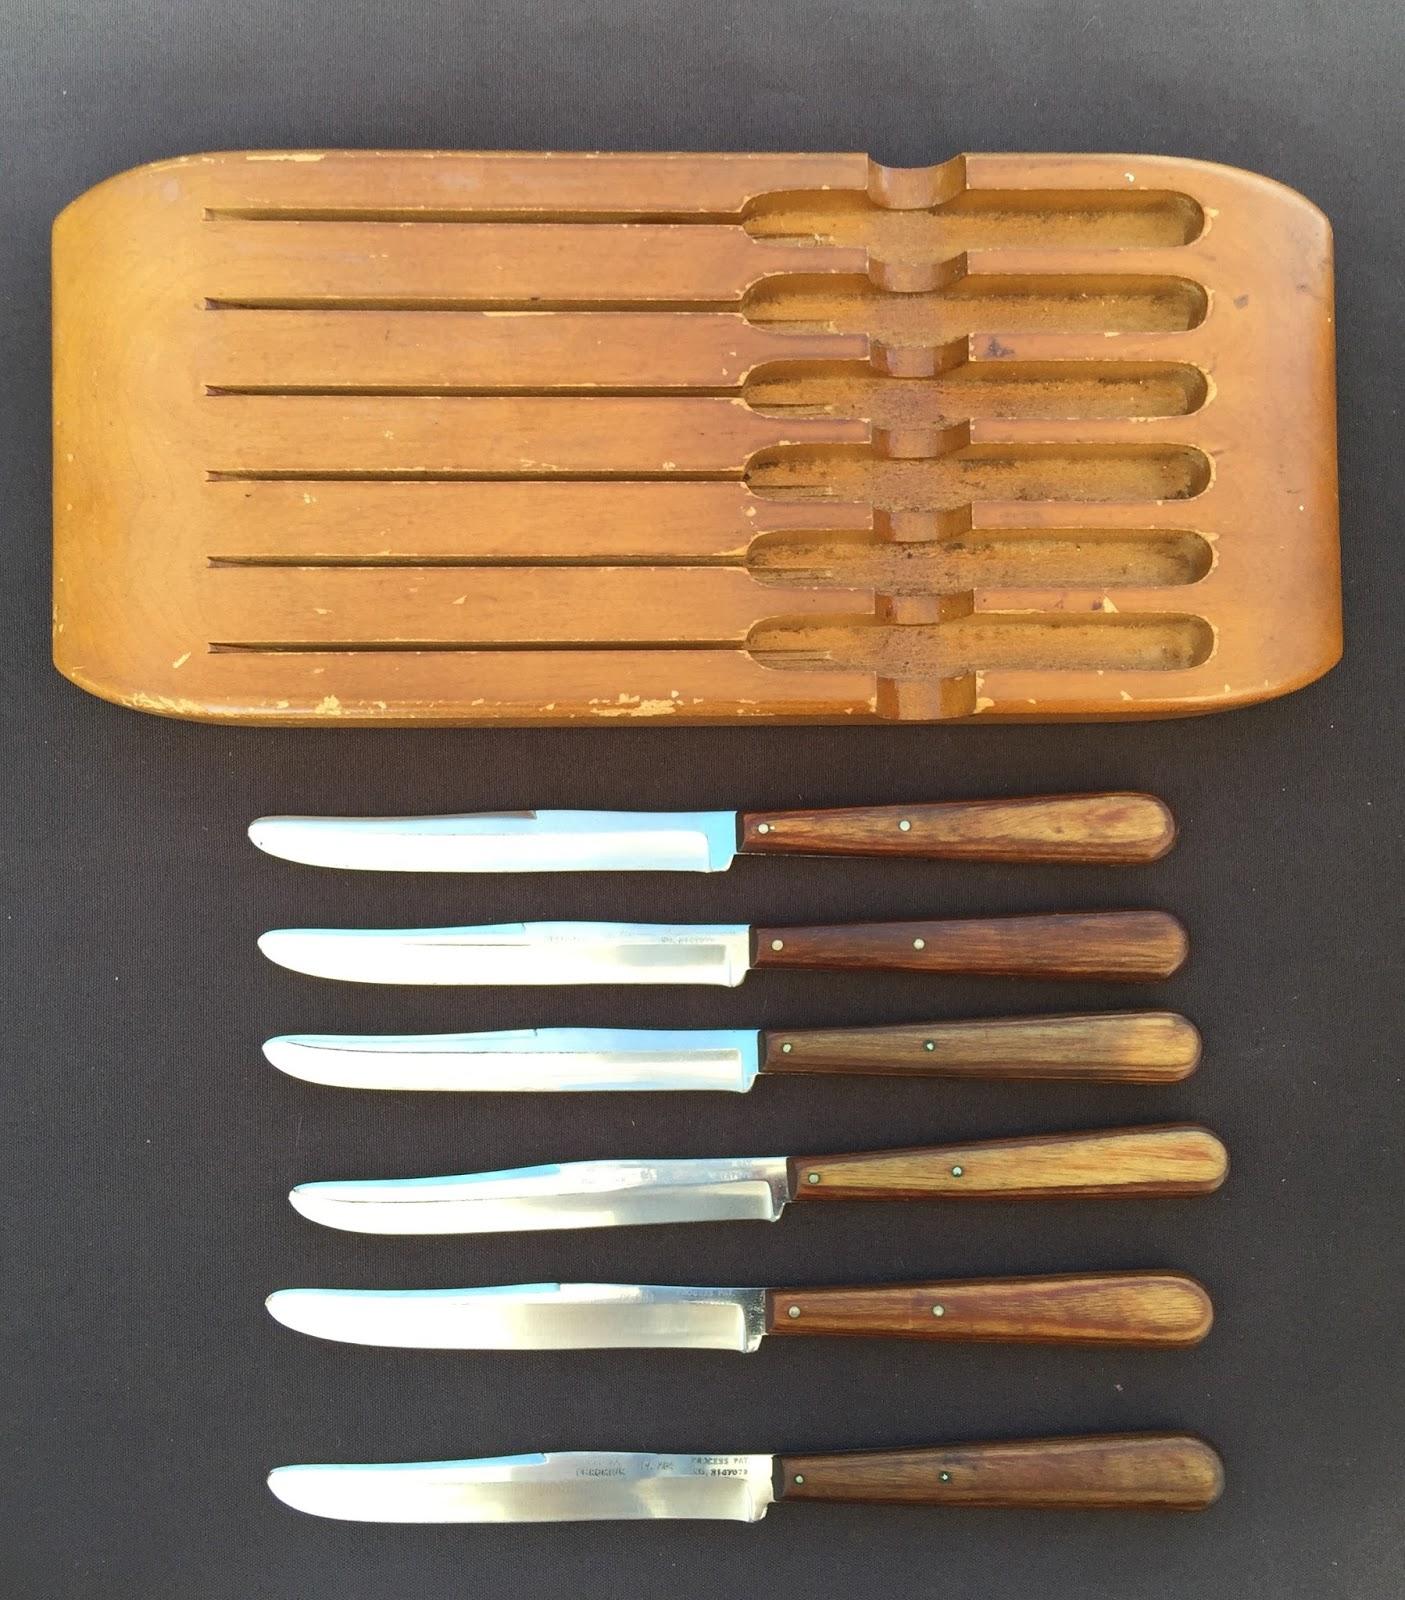 Mobile Knife Sharpening / Knife Sales: Added Vintage